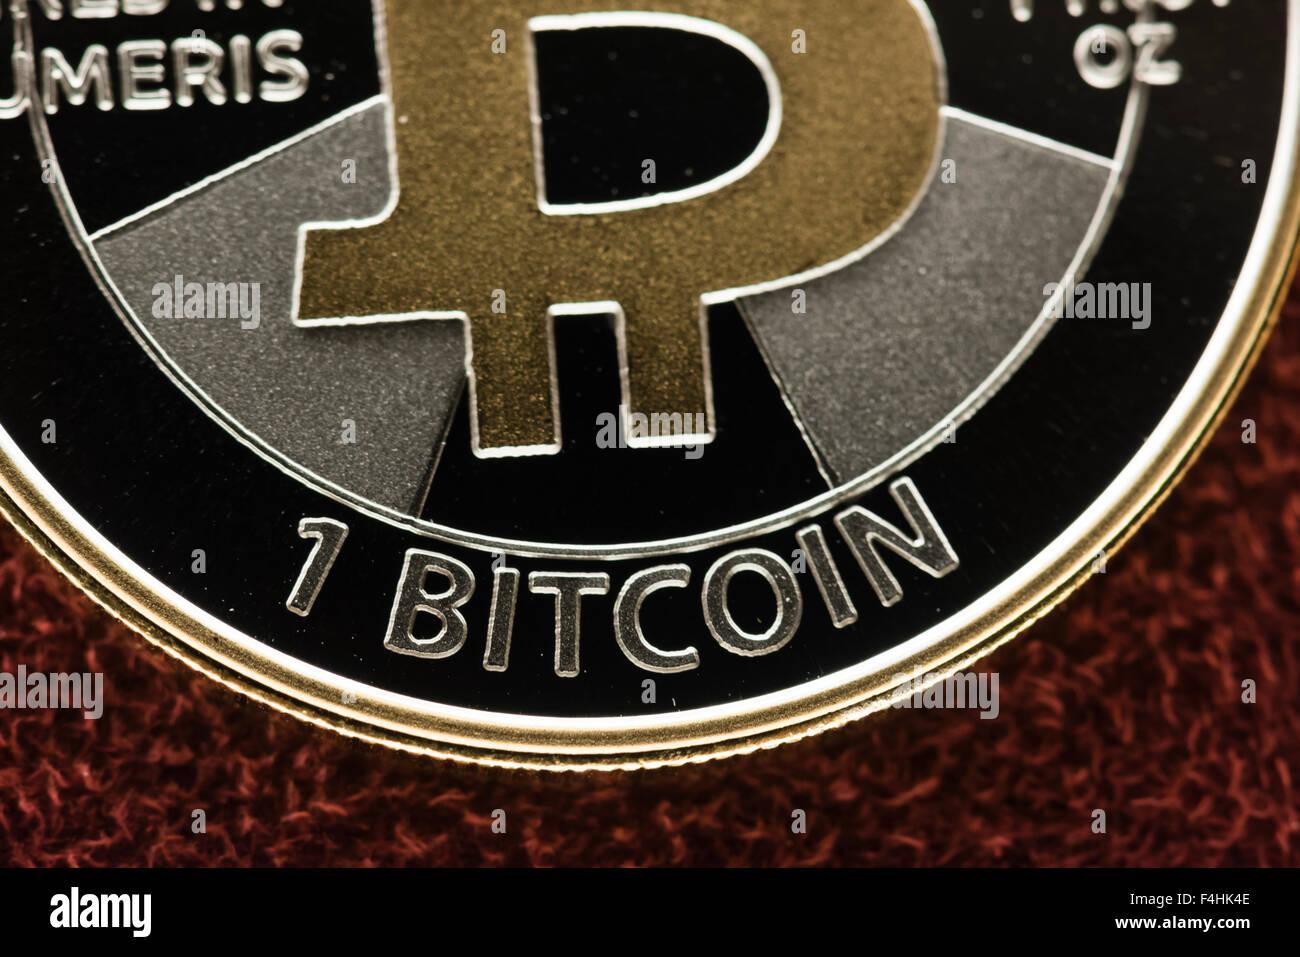 Physical Casascius silver Bitcoin coin (1 BTC). - Stock Image